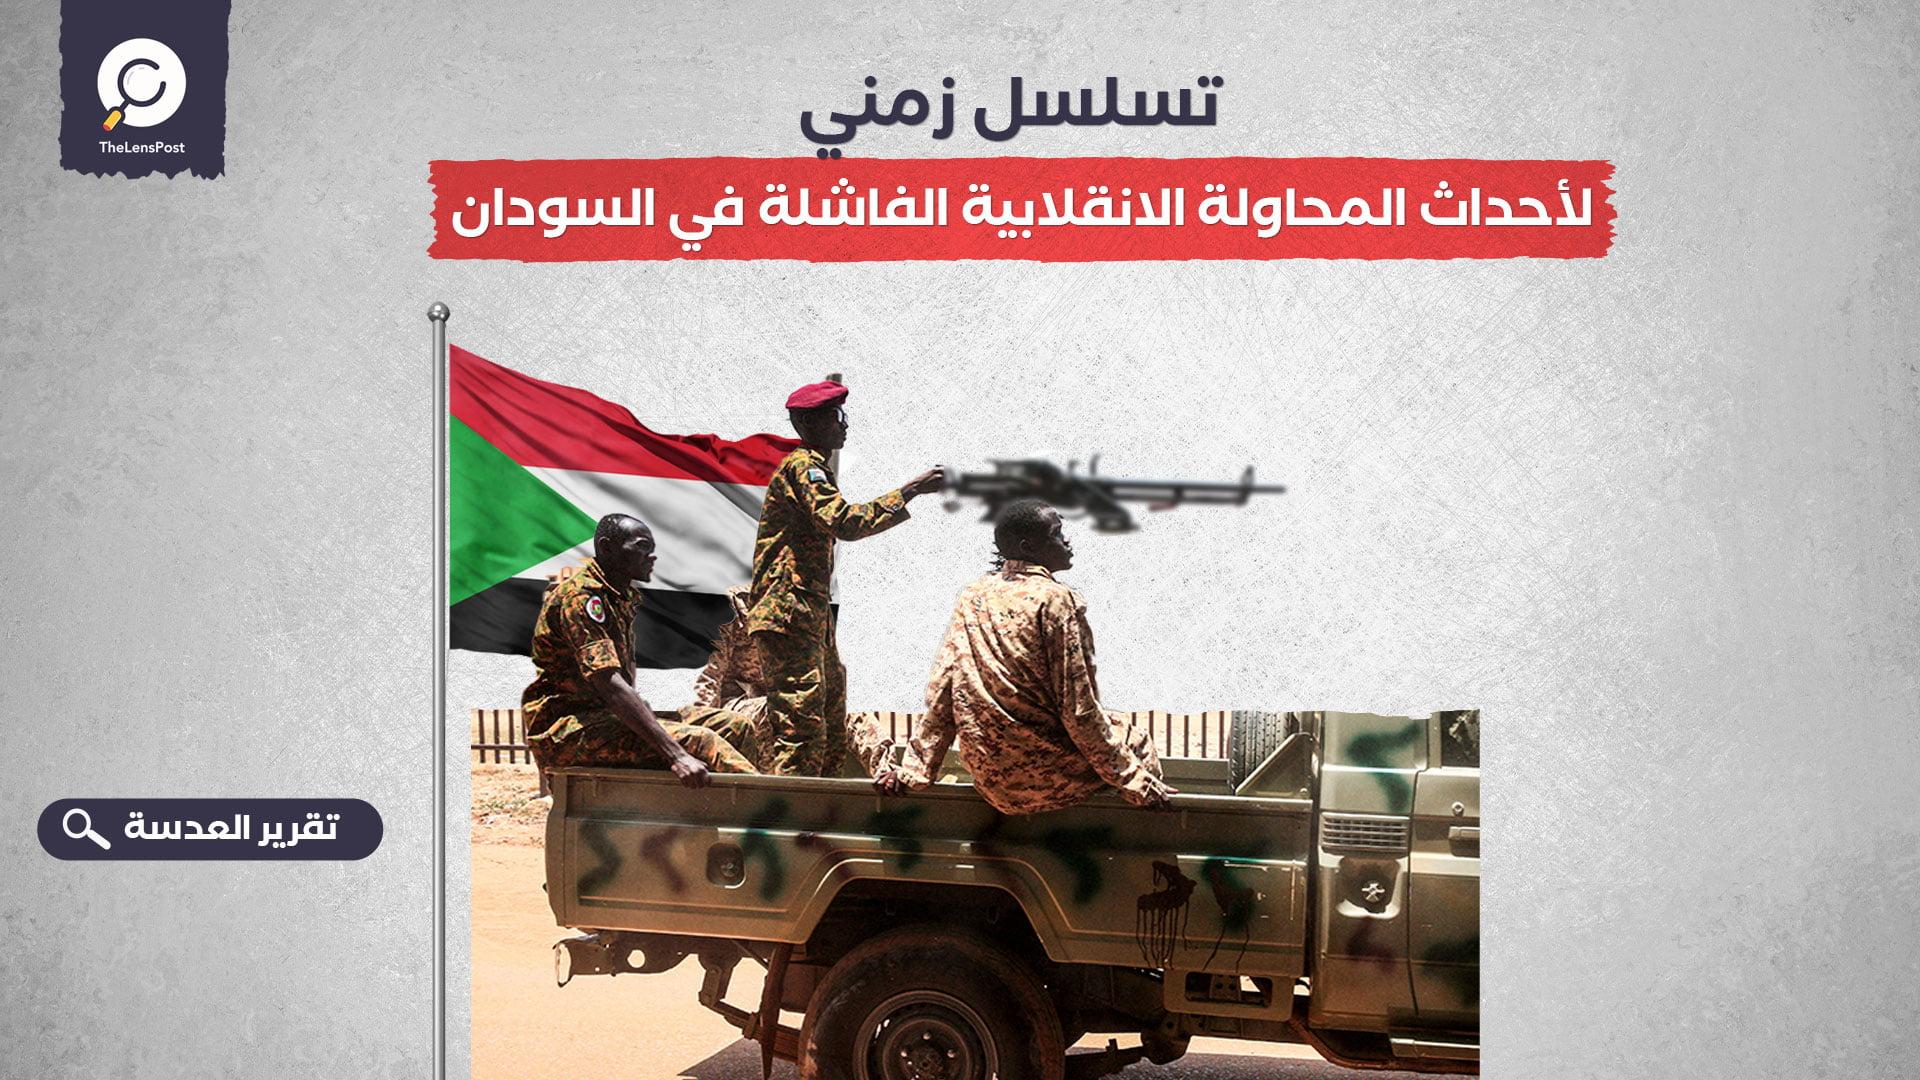 تسلسل زمني لأحداث المحاولة الانقلابية الفاشلة في السودان